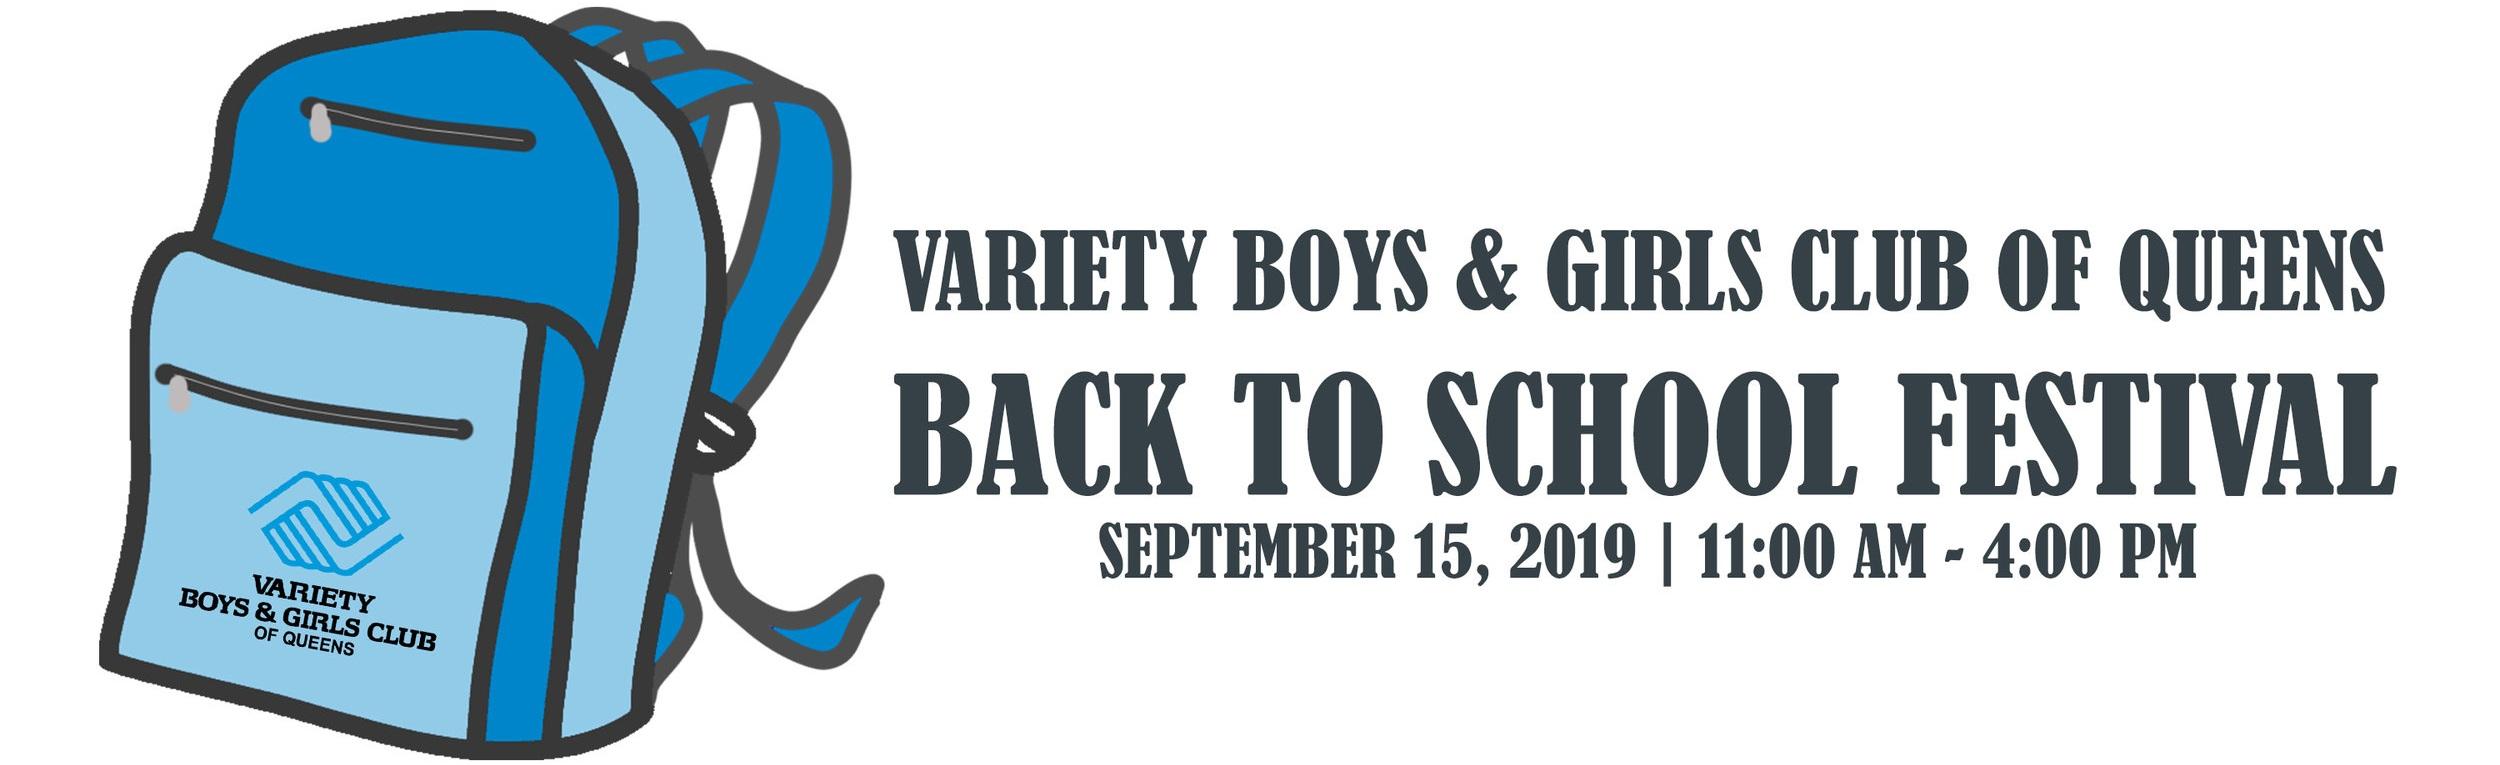 Back+to+school+festival+logo+updated+8.8.19.jpg